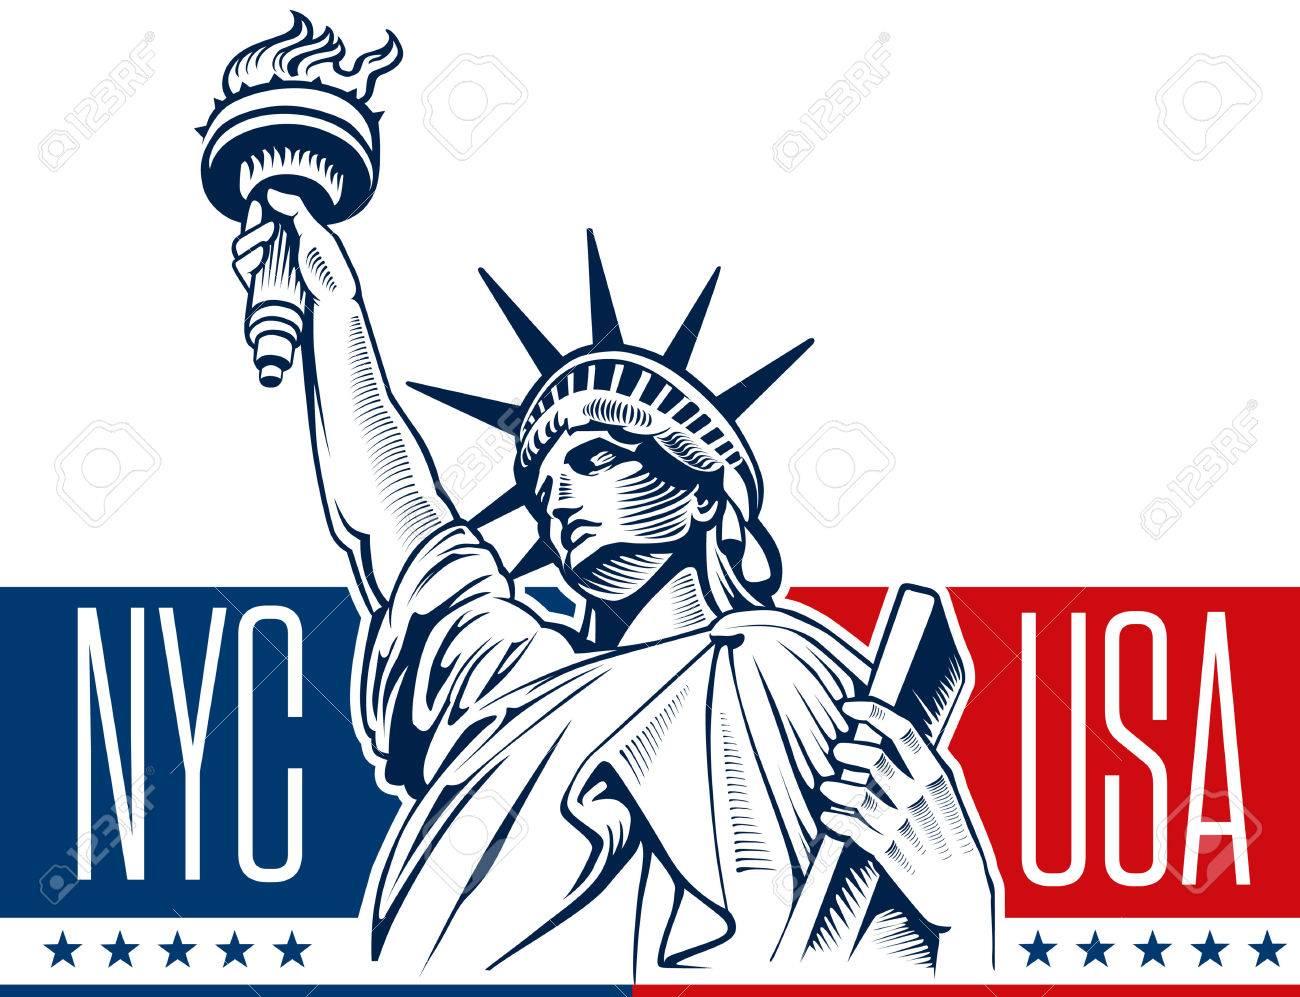 ニューヨークで自由の女神像のイラスト素材ベクタ Image 59567295